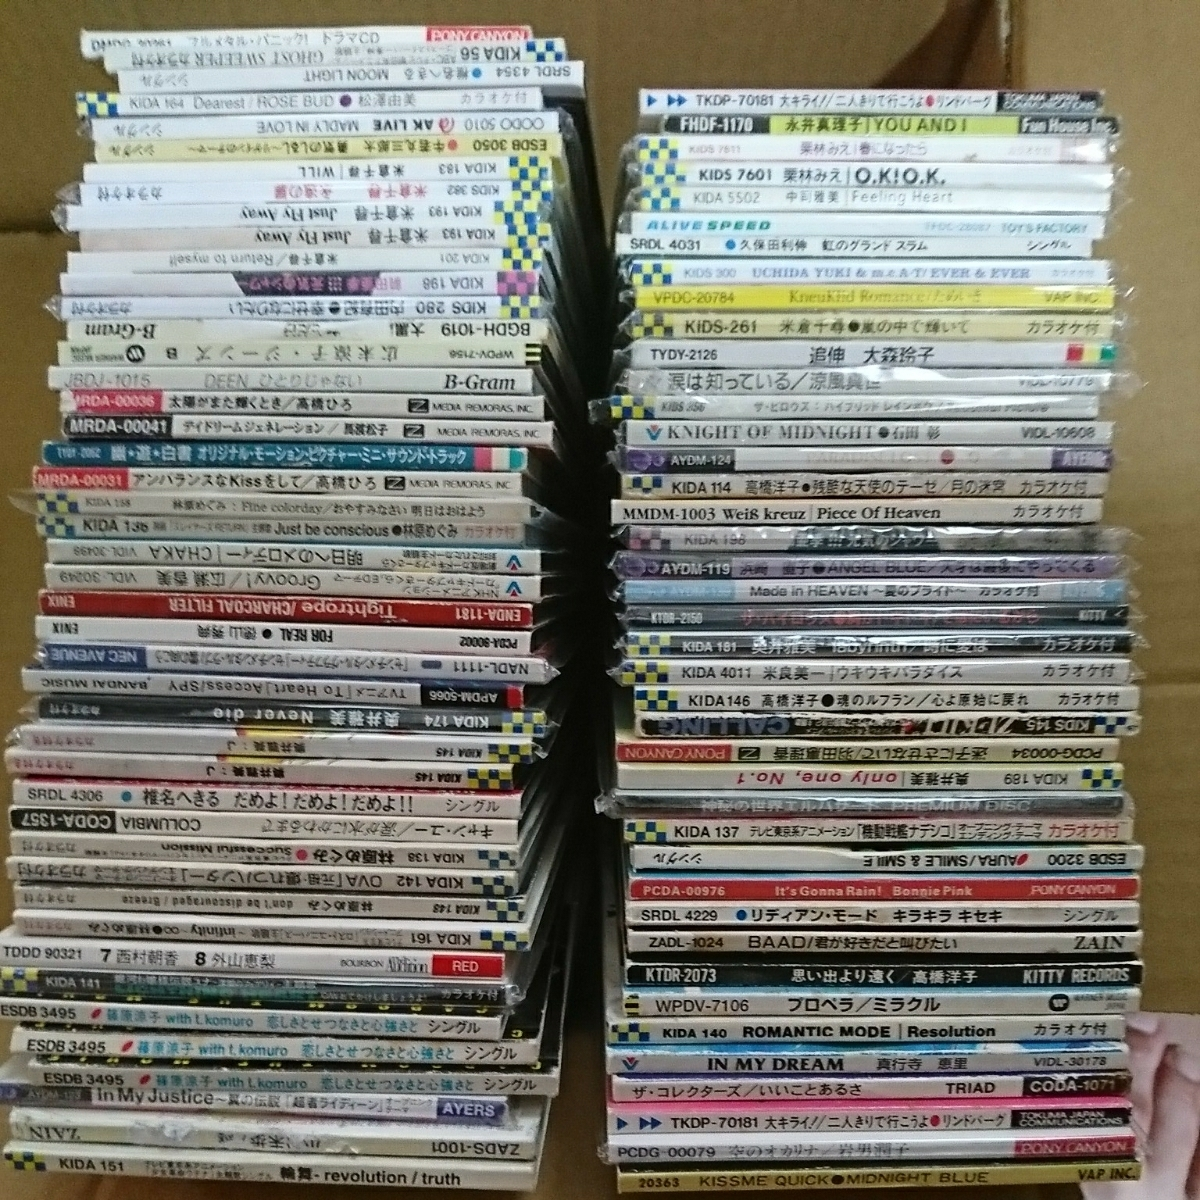 大量アニメシングルCDセット、林原めぐみ、椎名へきる、高橋洋子